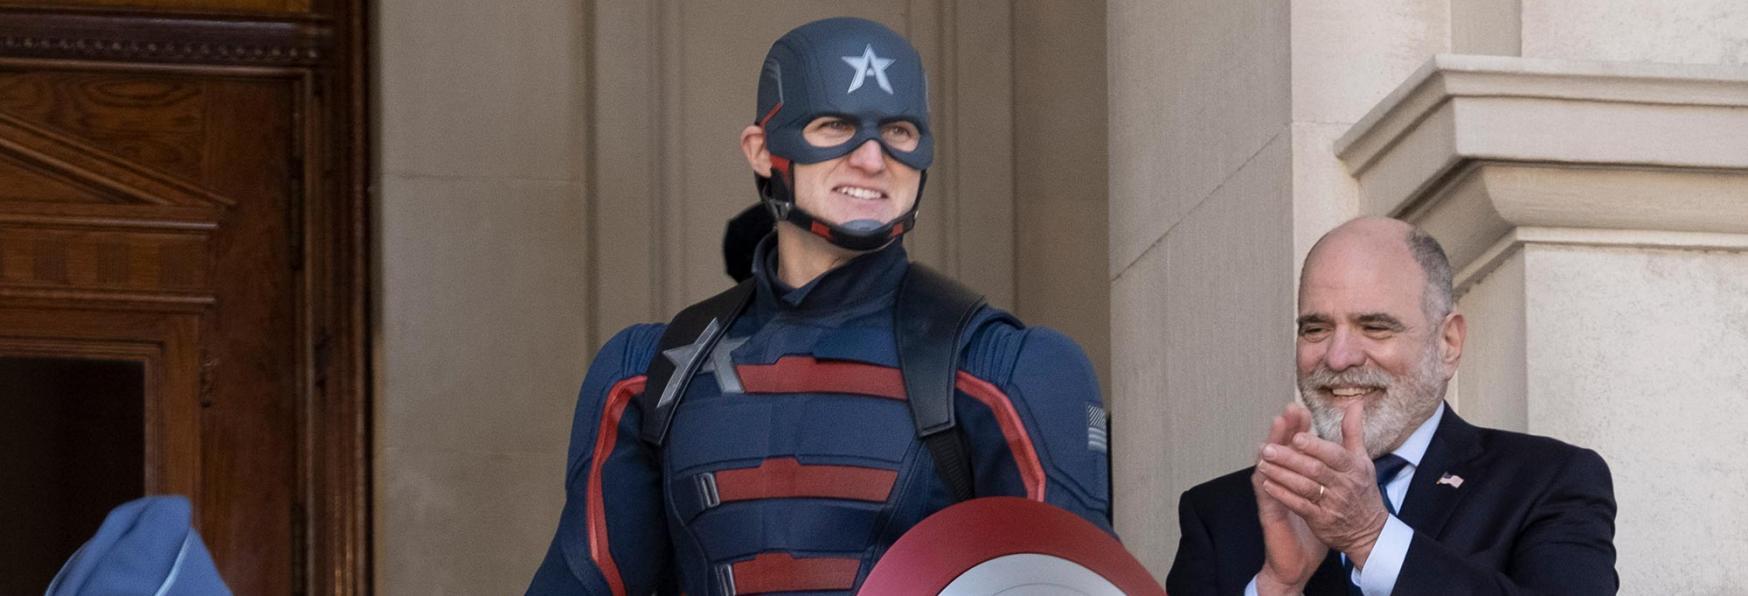 The Falcon and The Winter Soldier: le Differenze tra il Capitan America di John Walker e Steve Rogers